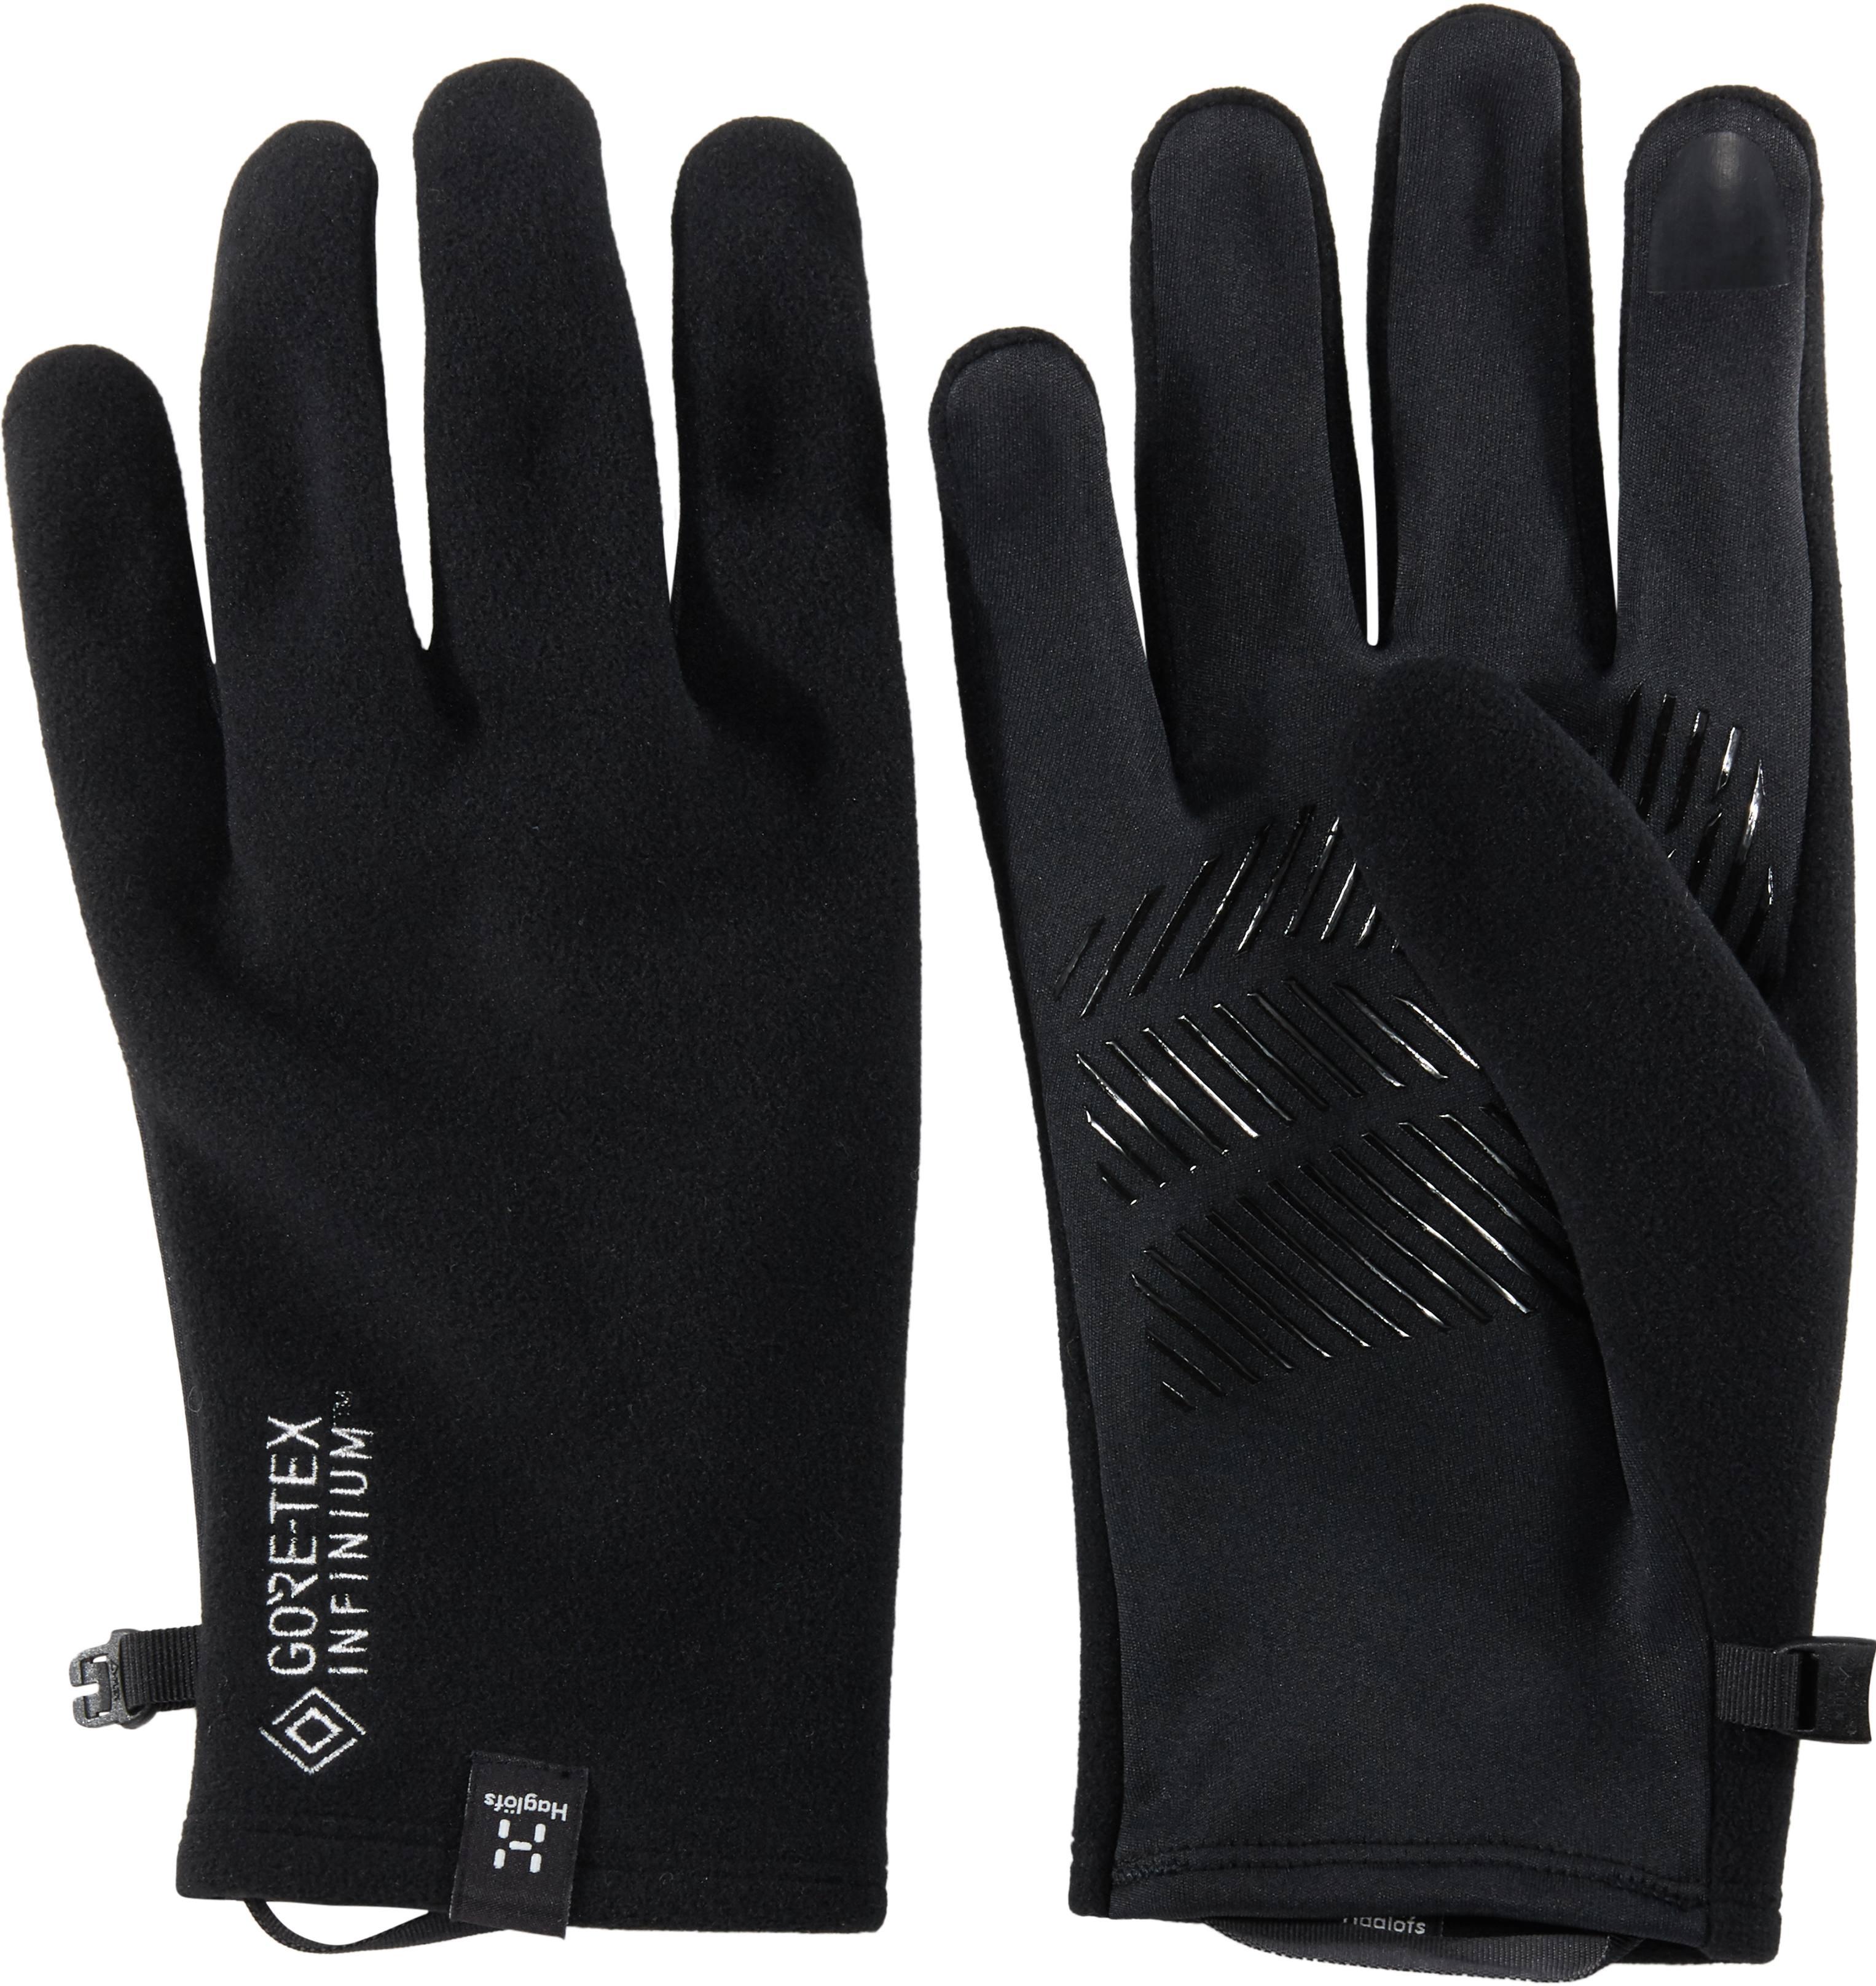 Bow Glove Musta 10